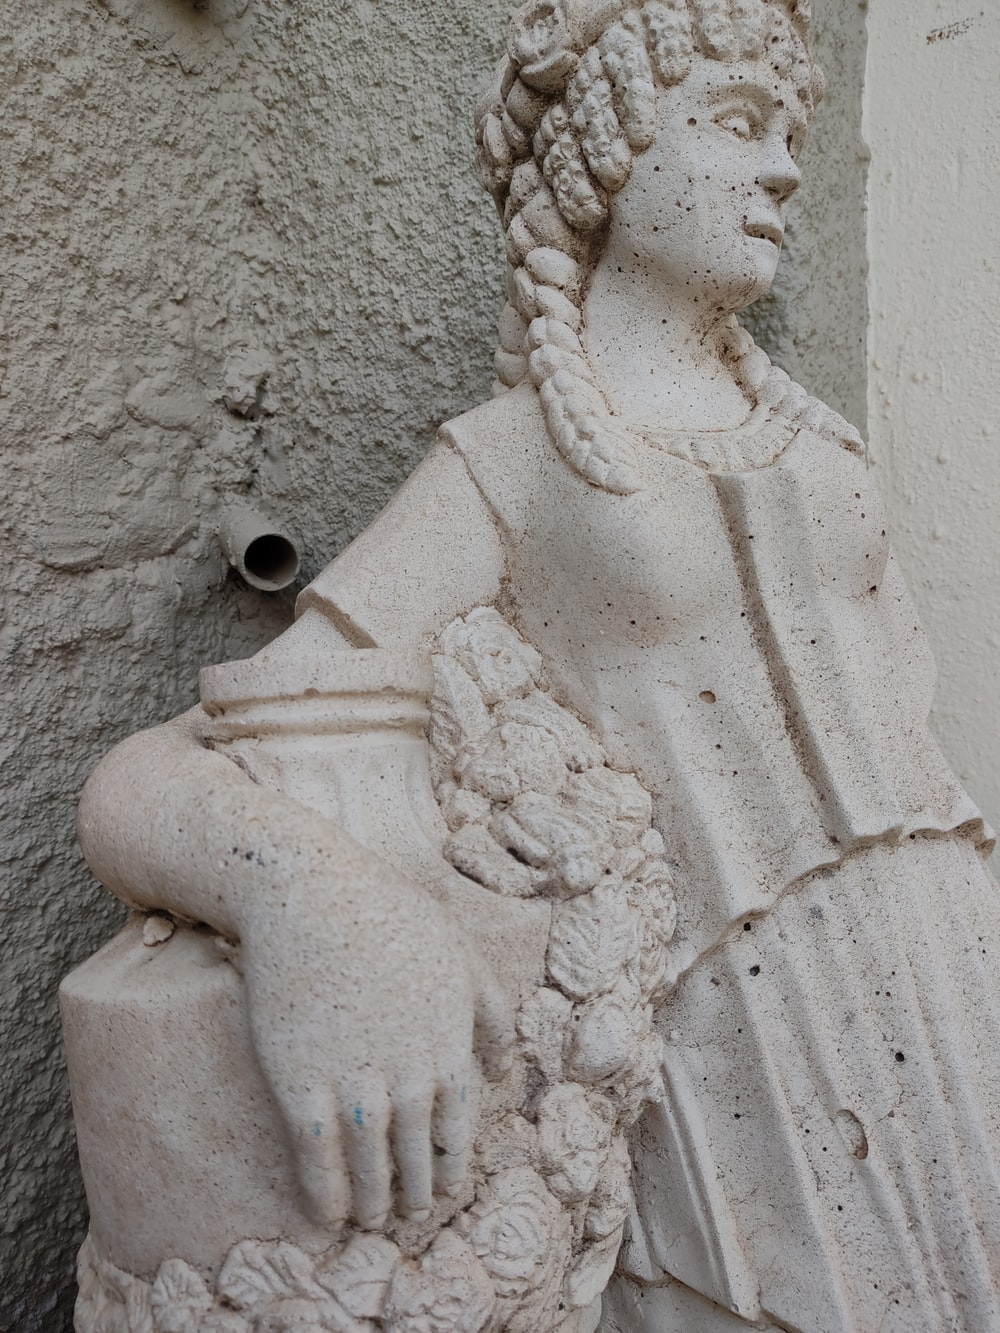 white concrete statue on brown sand